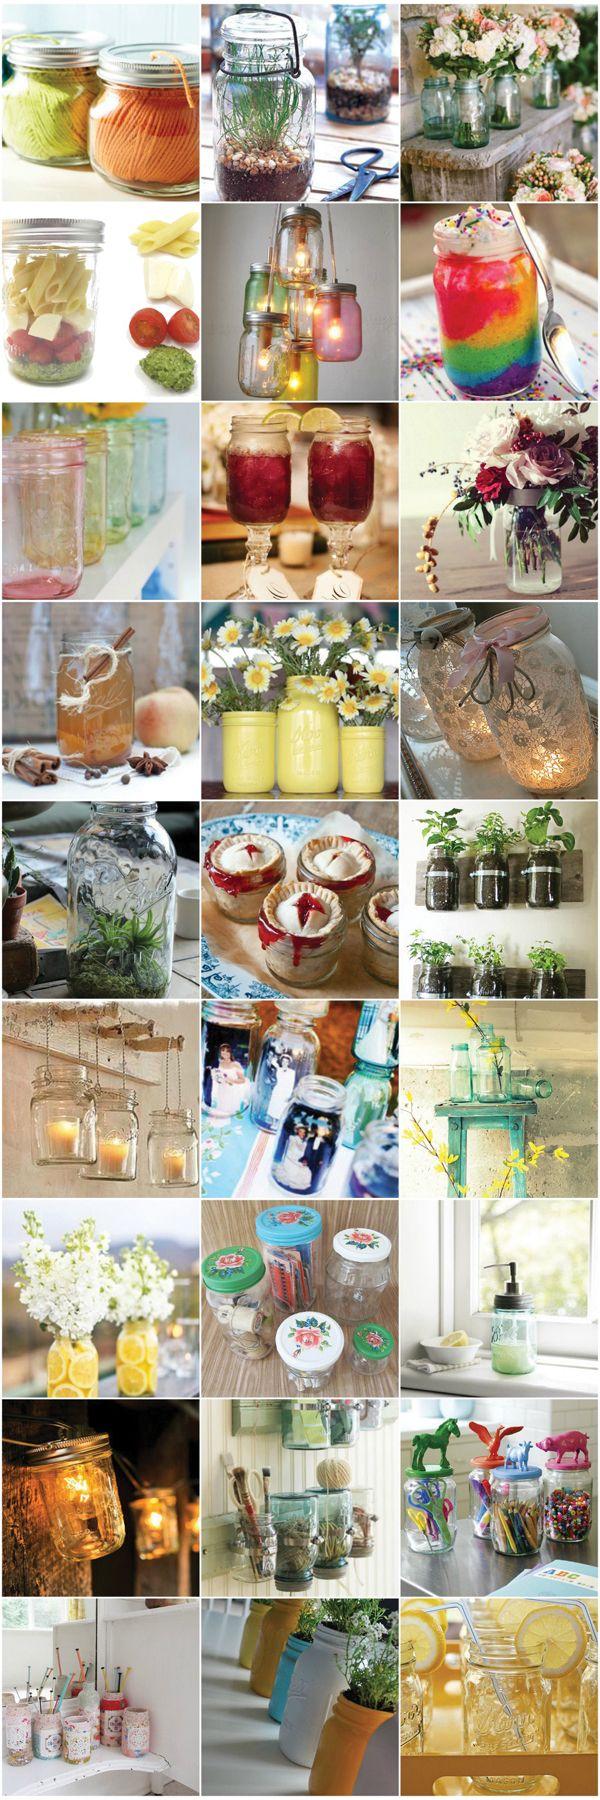 27 Ideas to Repurpose Jars